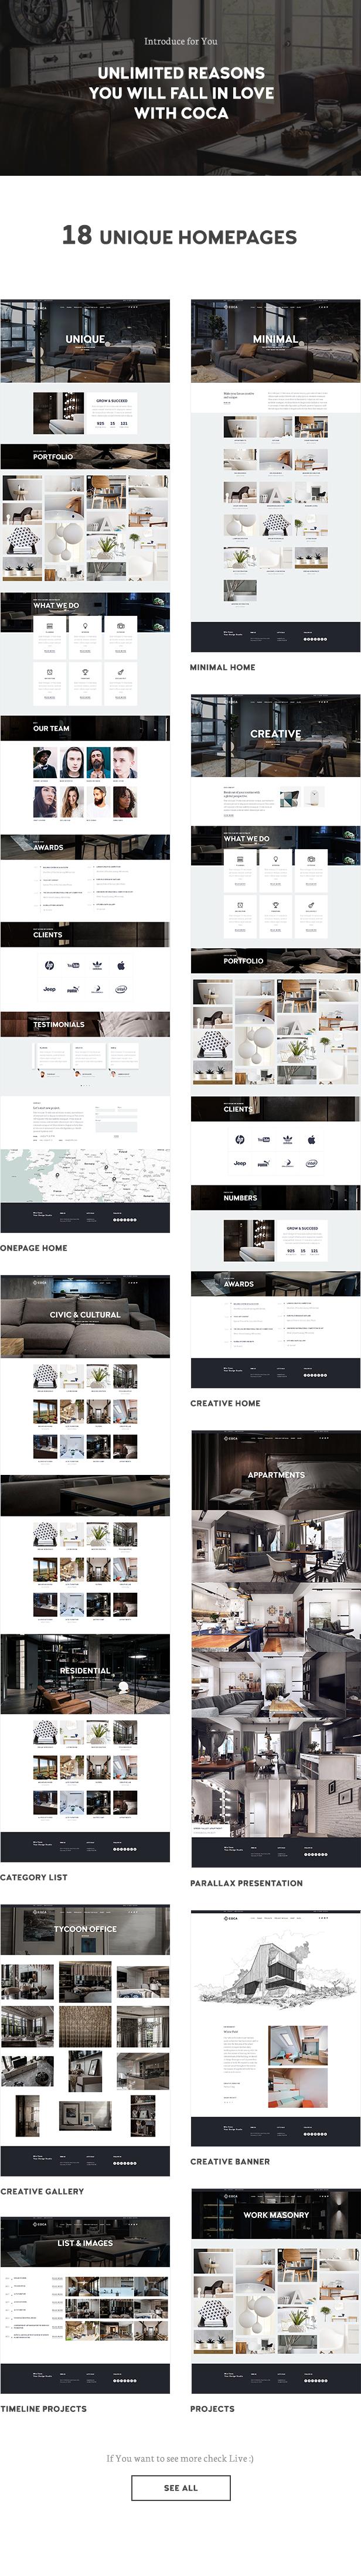 Architecture Coca - Interior Design and Architecture WordPress Architecture - 1